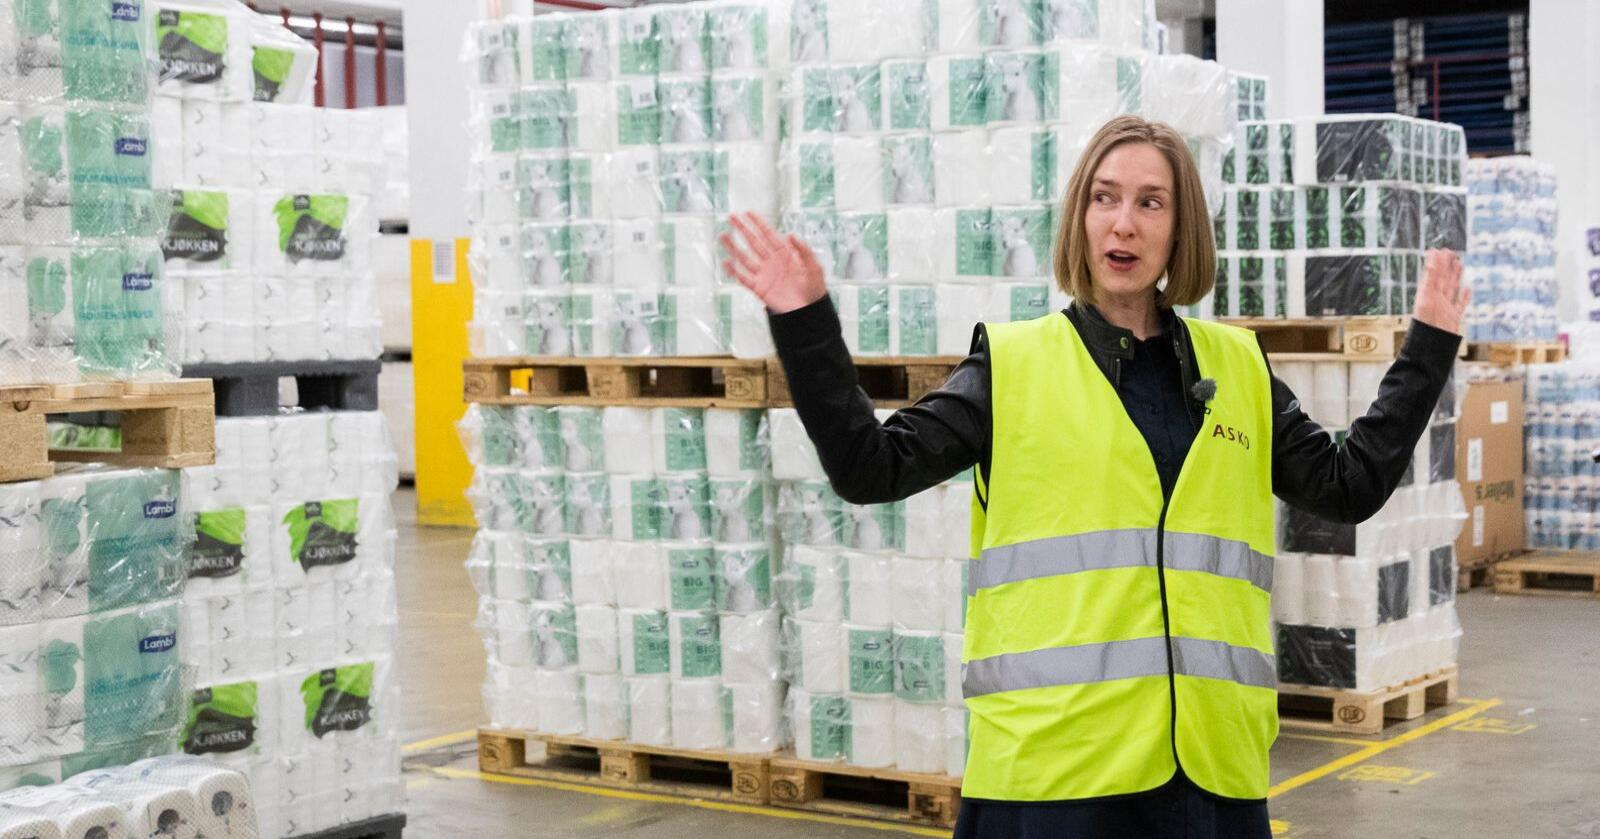 Næringsminister Iselin Nybø (V) skryter av dagligvareaktørenes innsats under koronautbruddet. Her er hun under et besøk på grossisten Askos lager i Oslo i april. Foto: Berit Roald / NTB scanpix